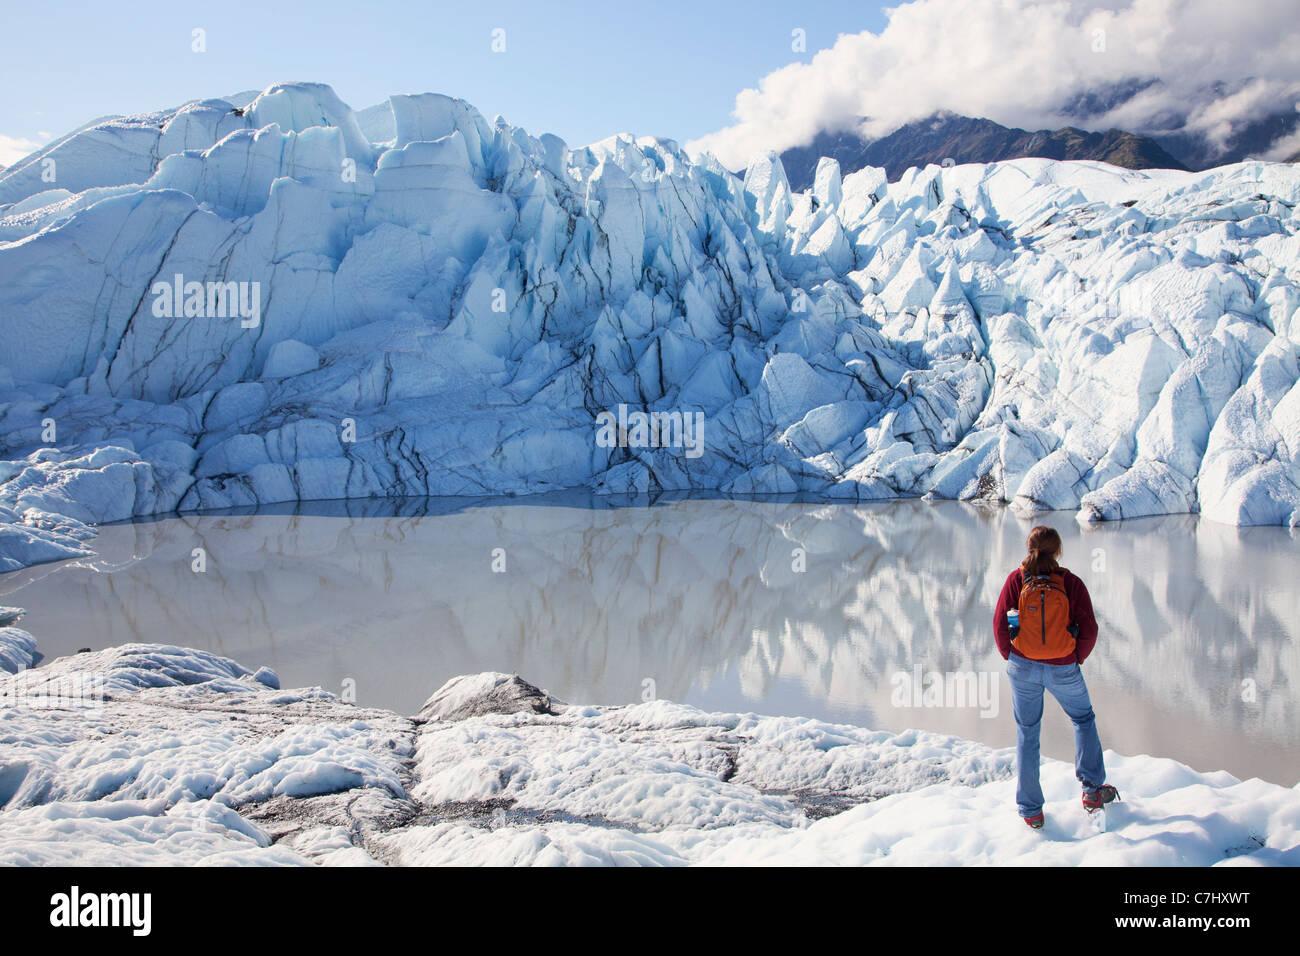 Un scalatore sul ghiacciaio Matanuska Alaska. Immagini Stock